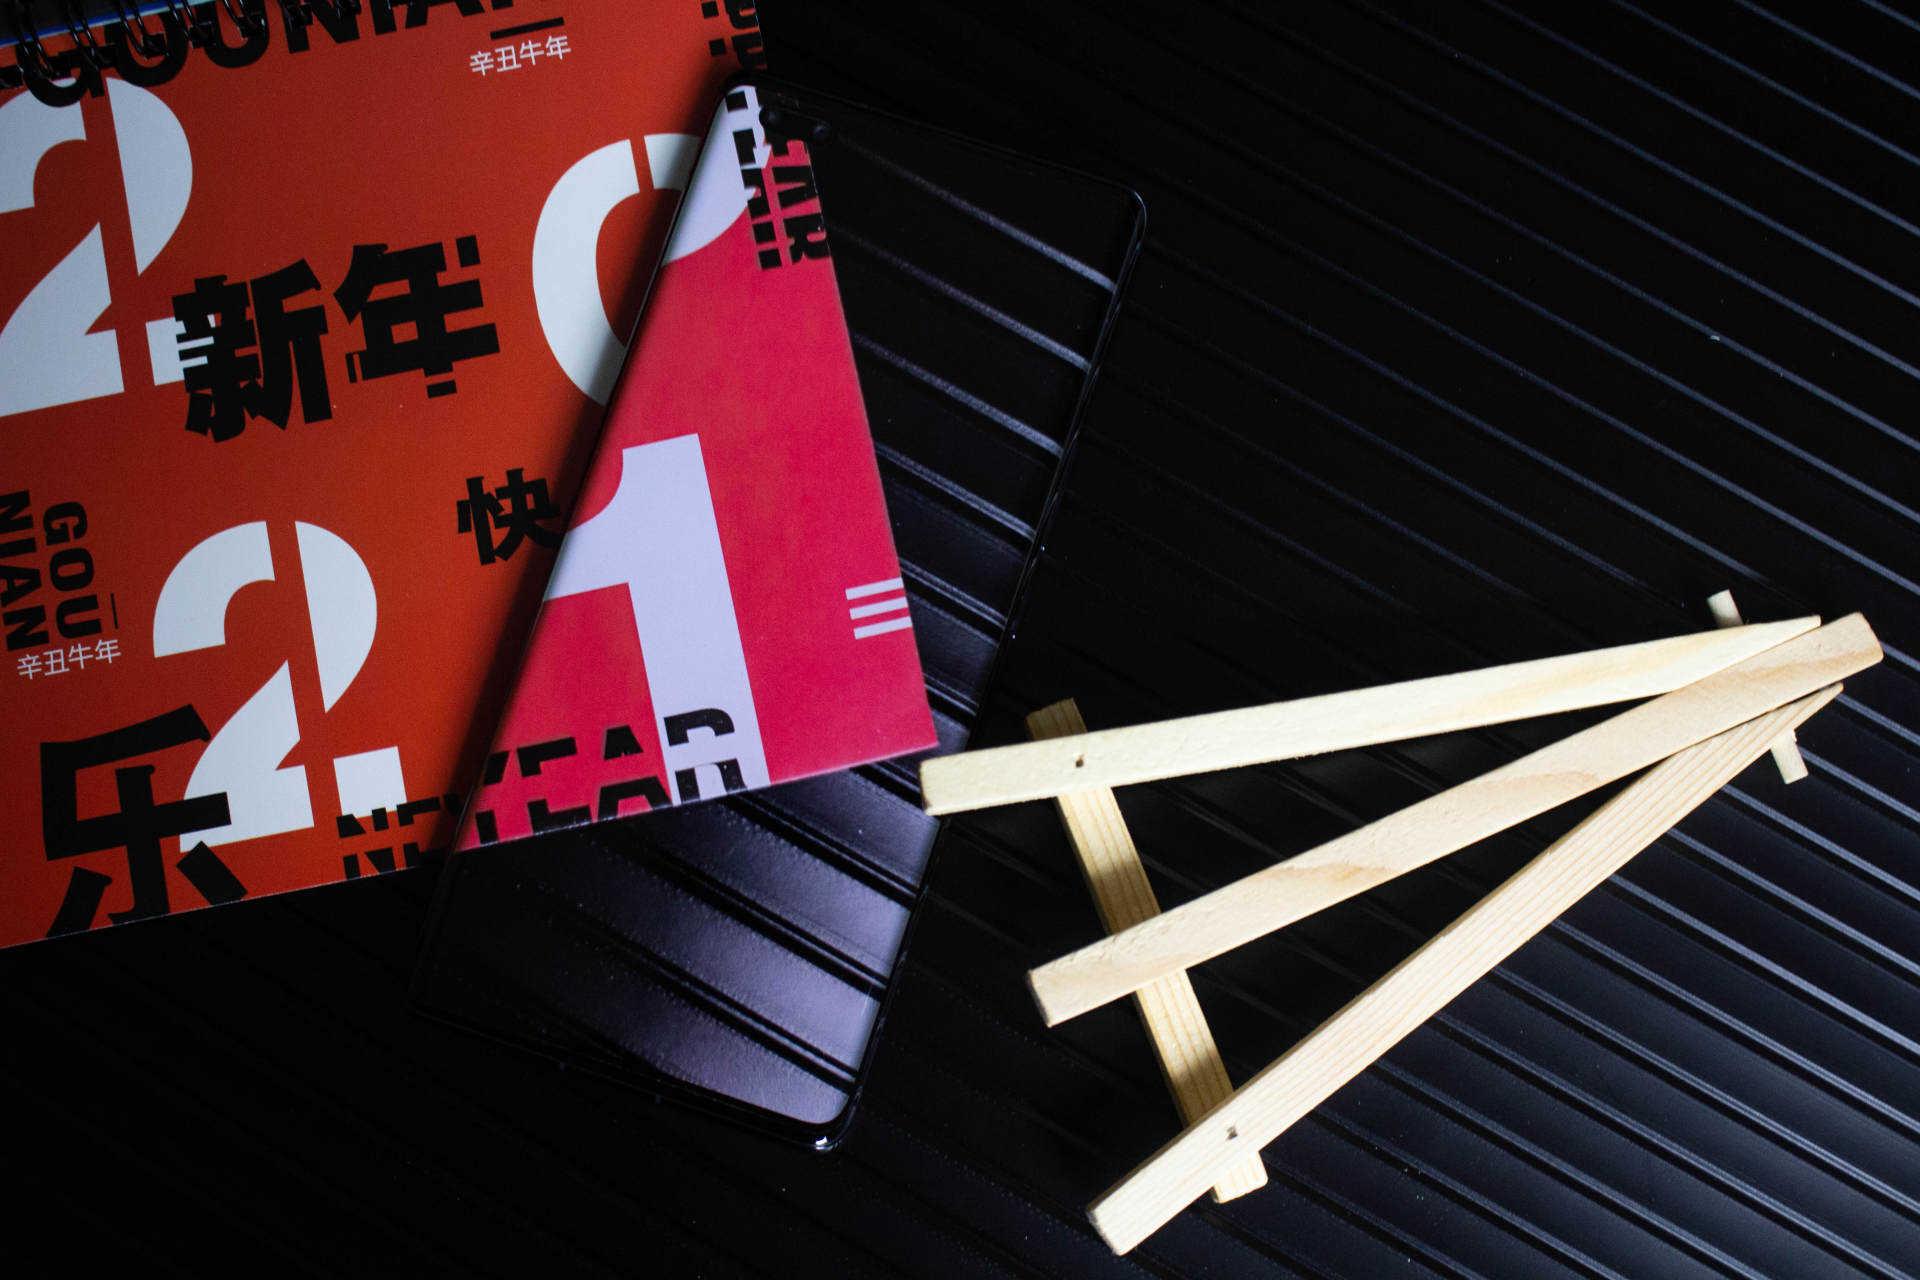 榮耀v40游戲評測_榮耀v40游戲性能